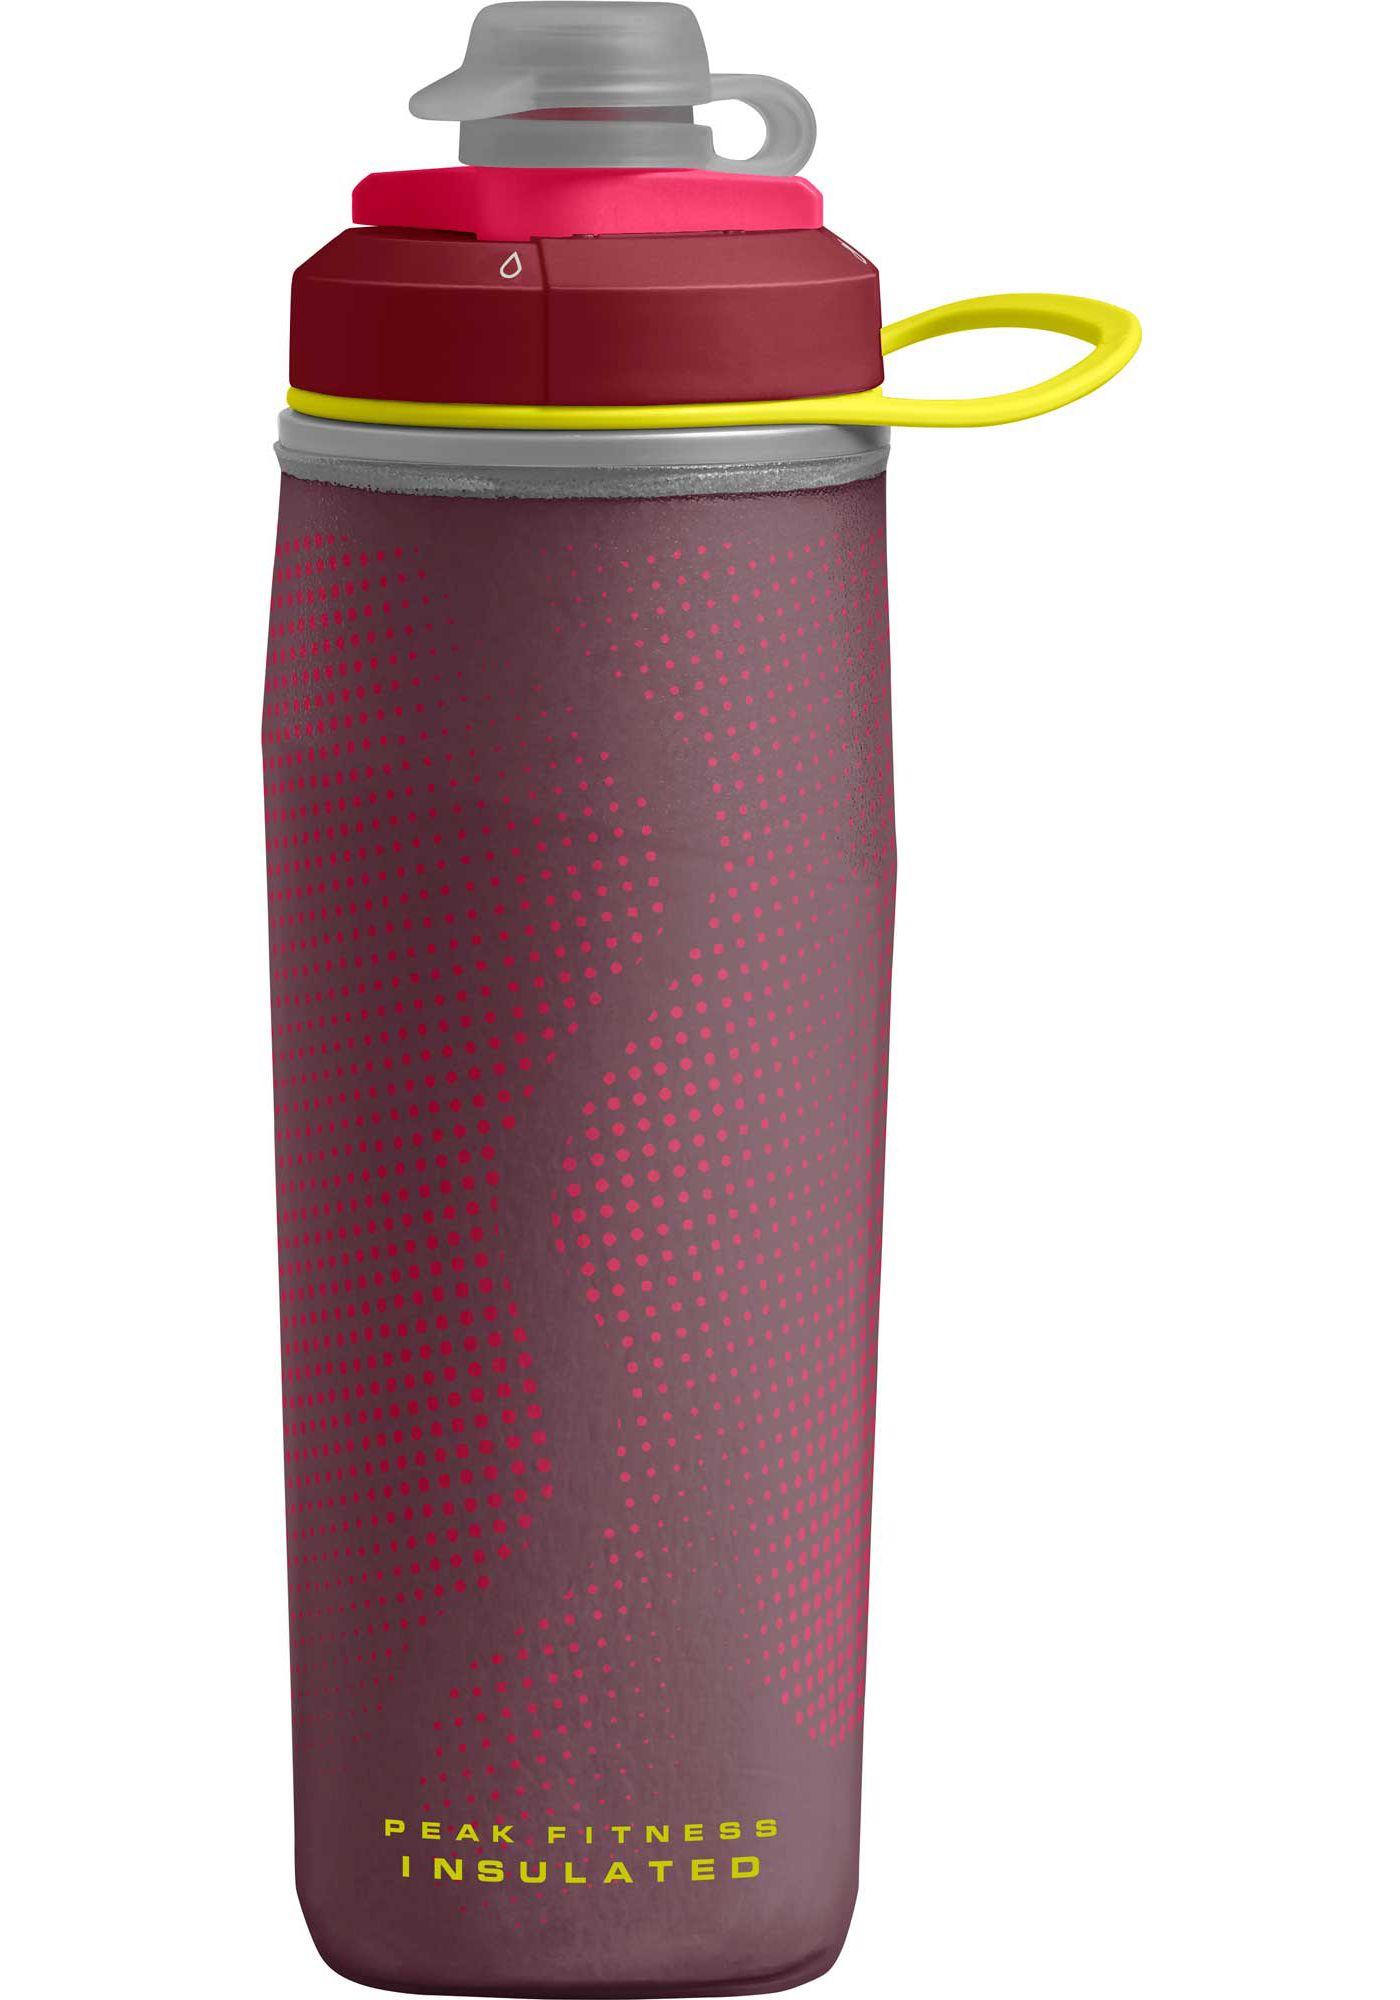 CamelBak Peak Fitness Chill 17 oz. Water Bottle